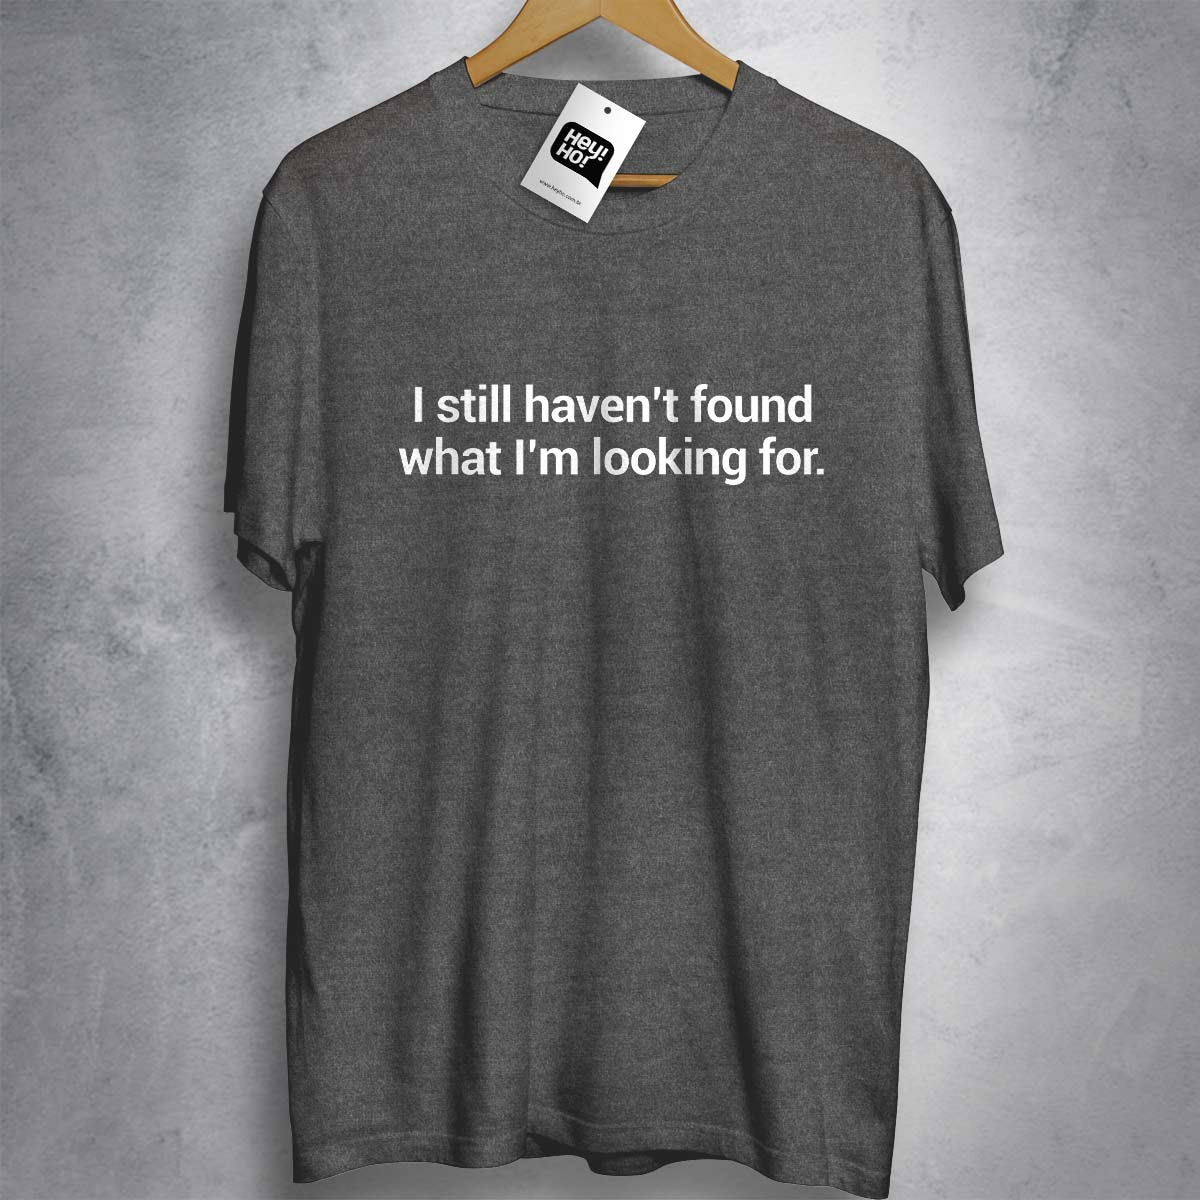 U2 - I still haven't found